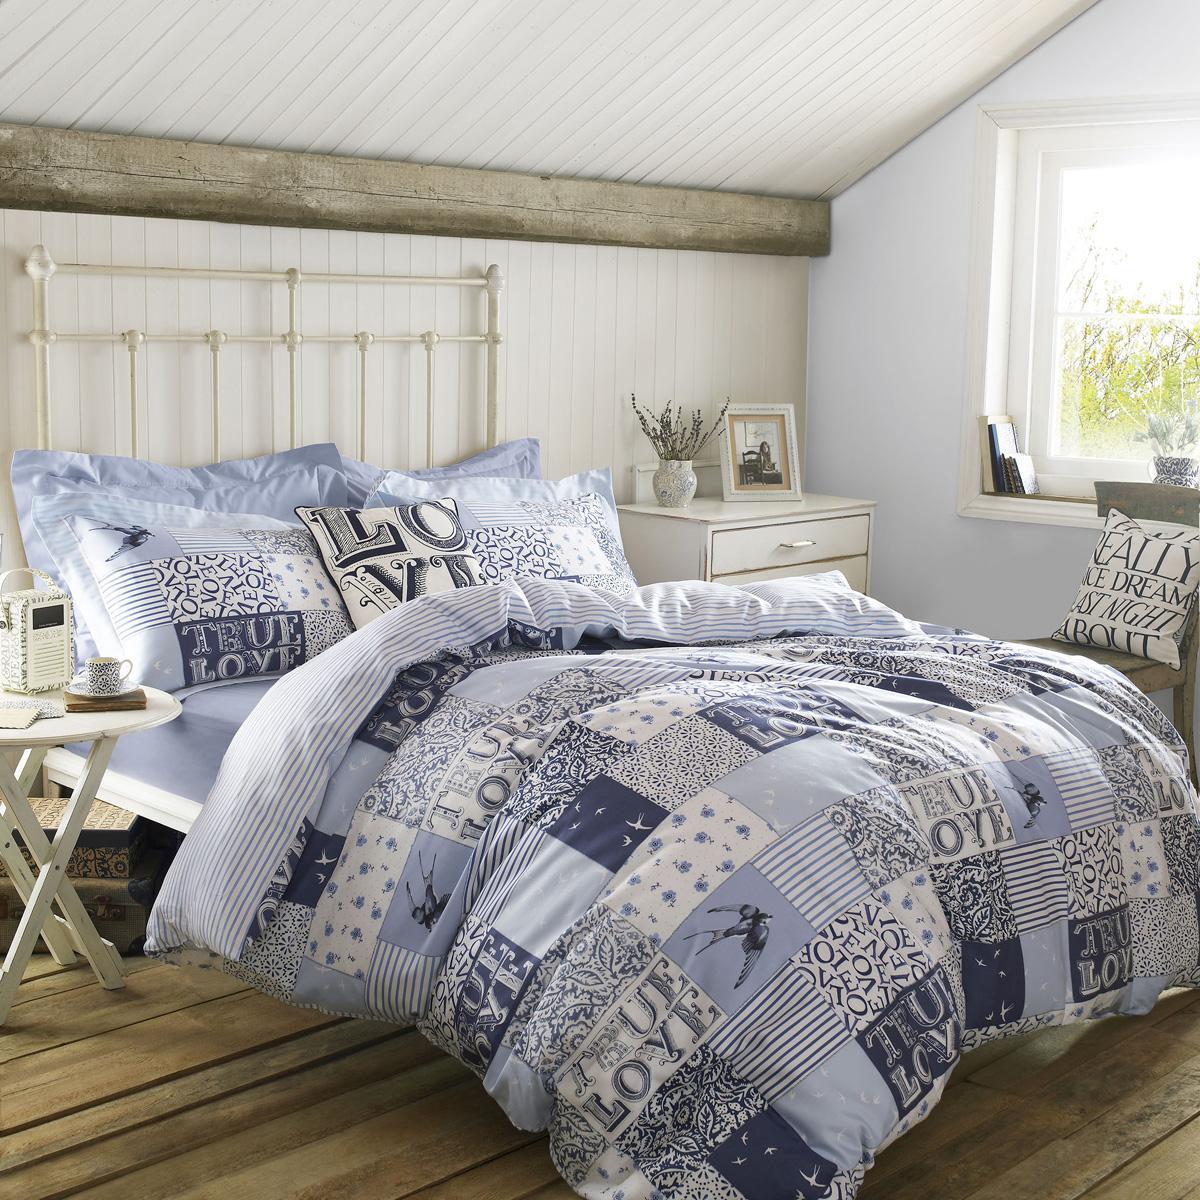 Blue Emma Bridgewater Blue Patchwork Bedding